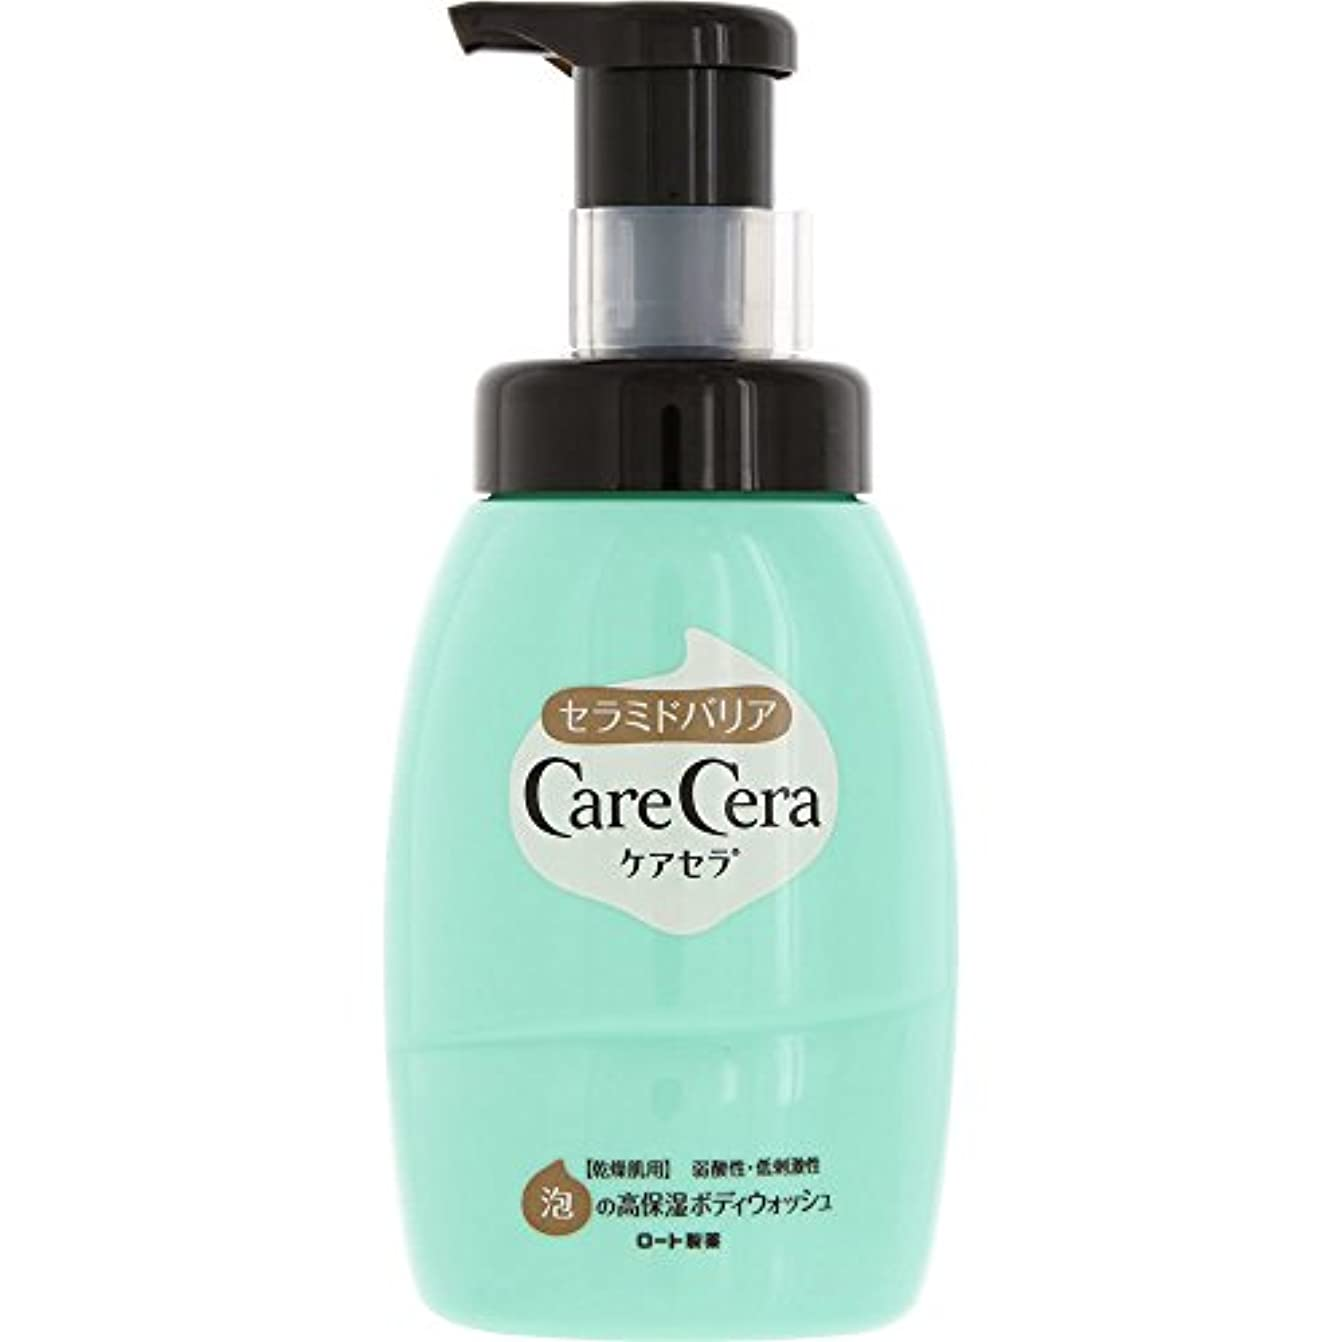 ケアセラ(CareCera) ロート製薬 ケアセラ  天然型セラミド7種配合 セラミド濃度10倍泡の高保湿 全身ボディウォッシュ ピュアフローラルの香り お試し企画品 300mL